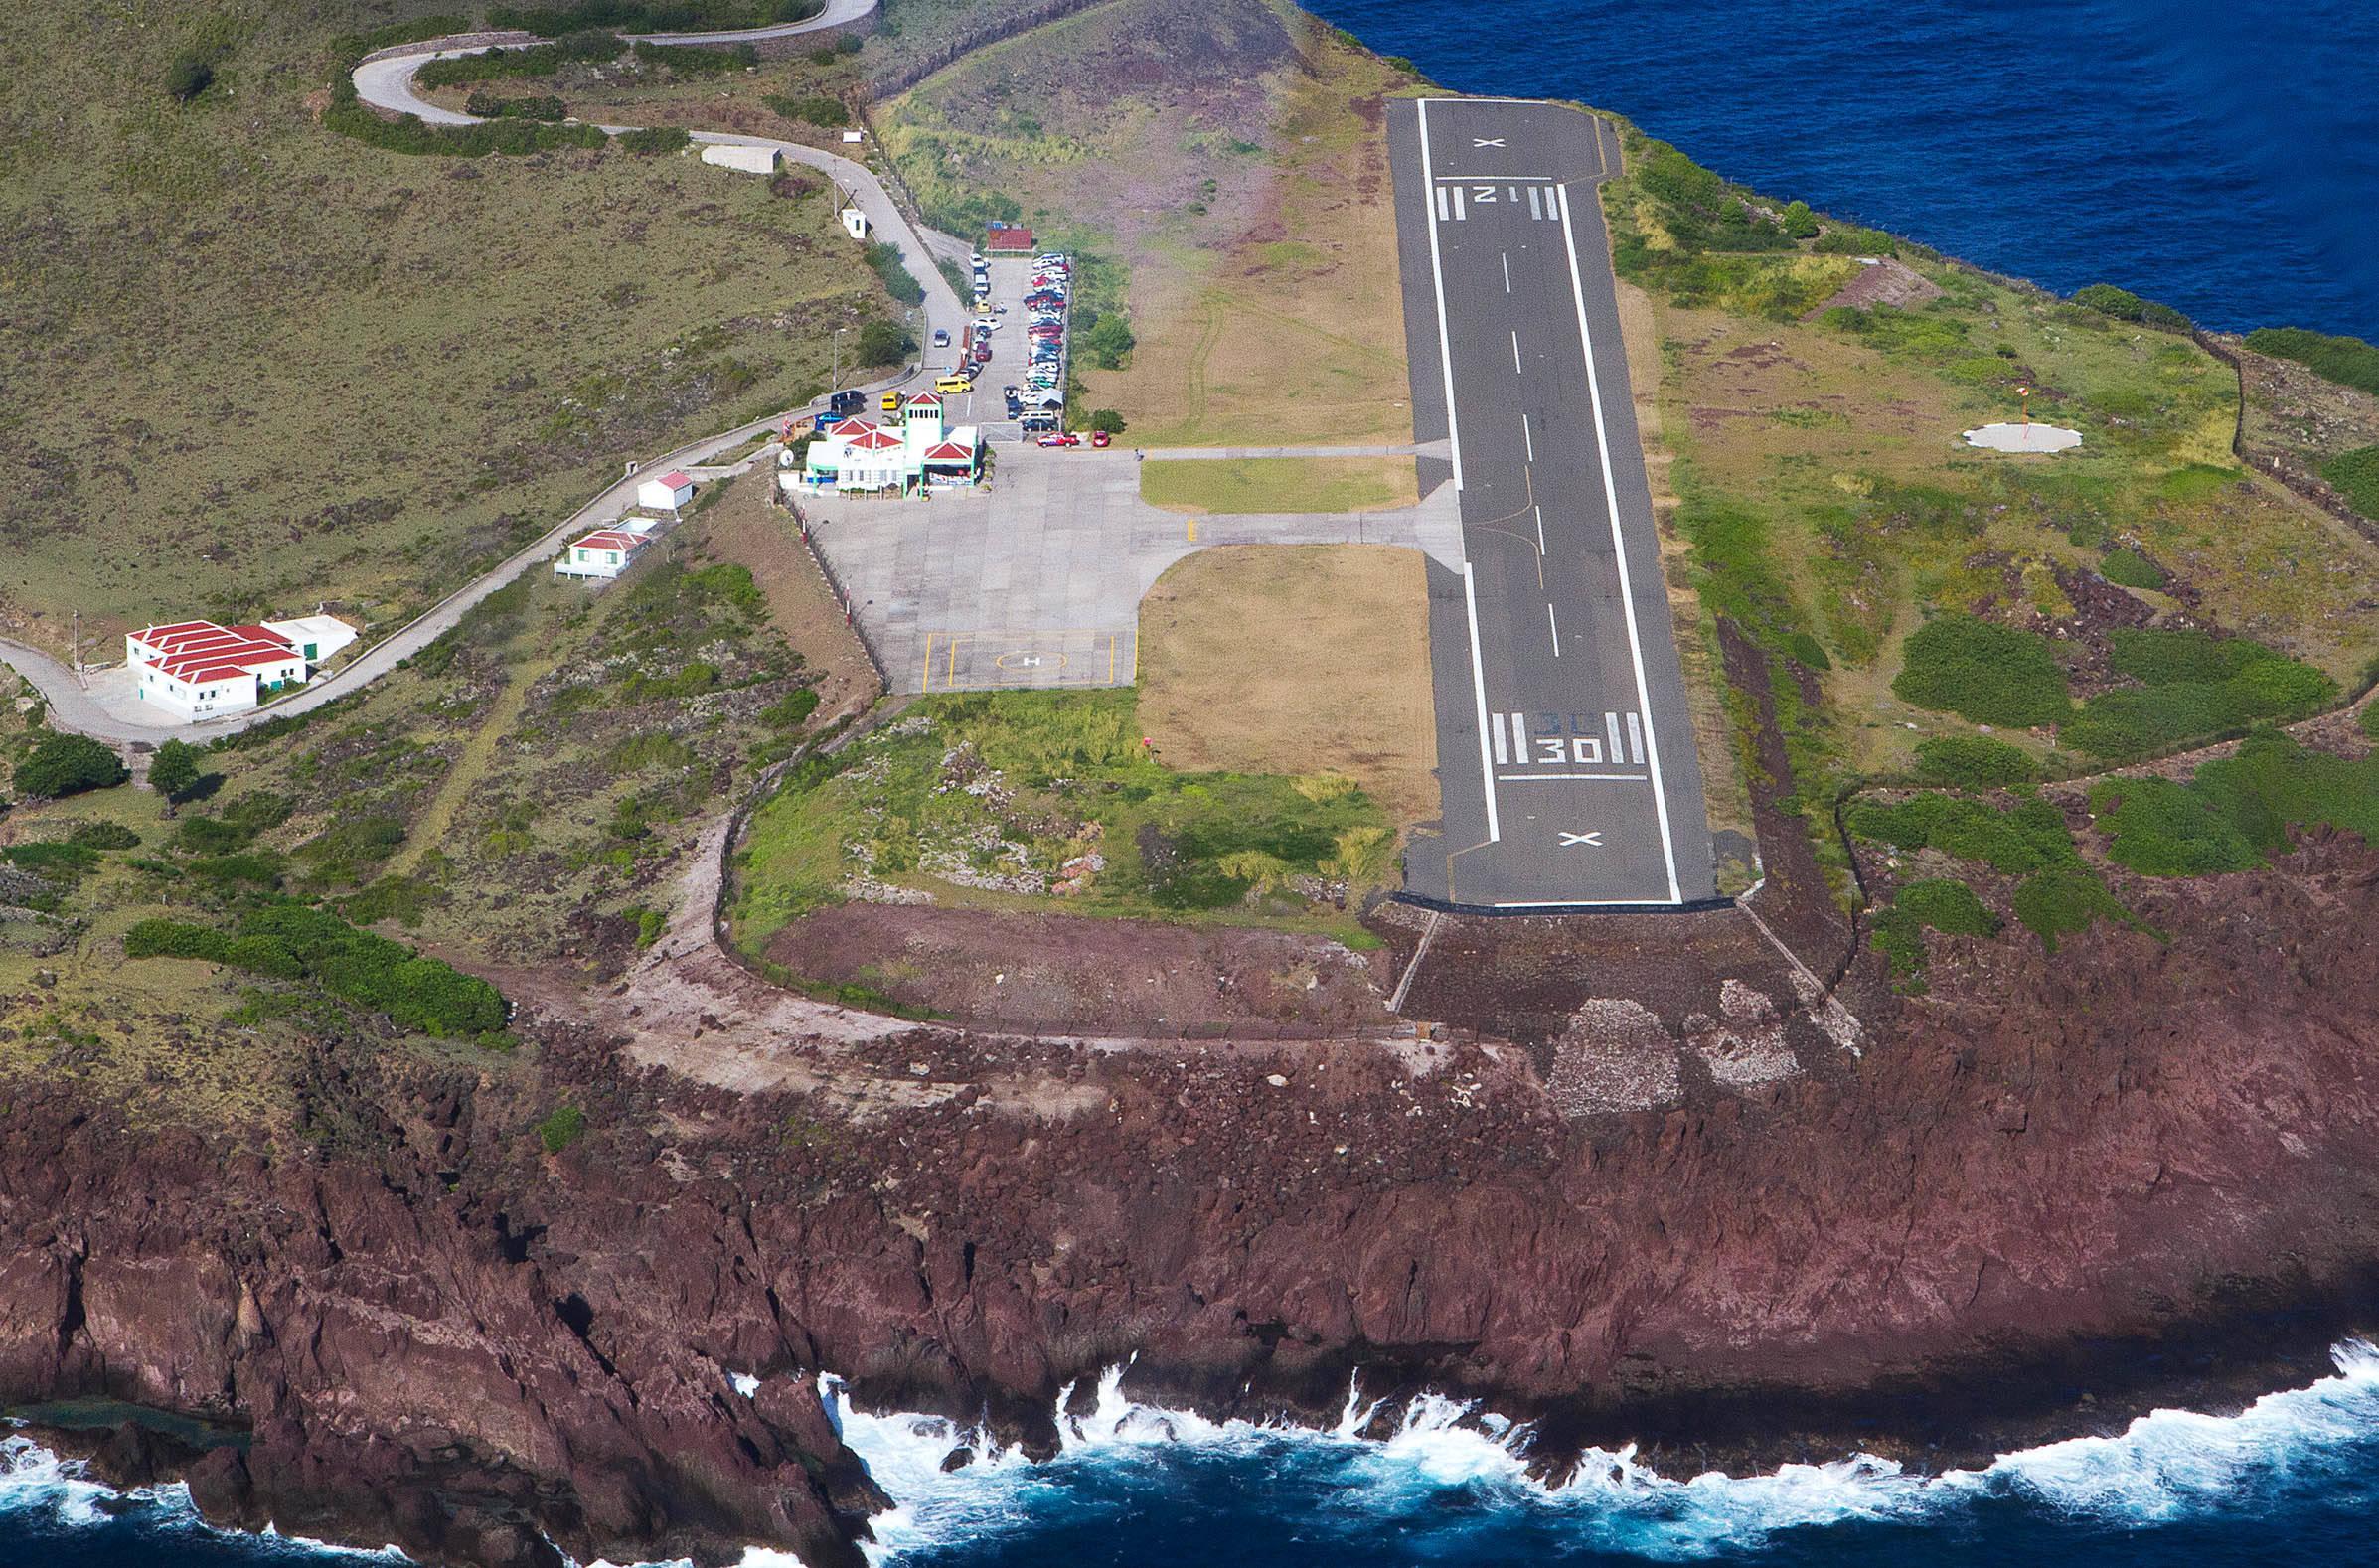 Flughafen Auf Saba Die K 252 Rzeste Landebahn Der Welt